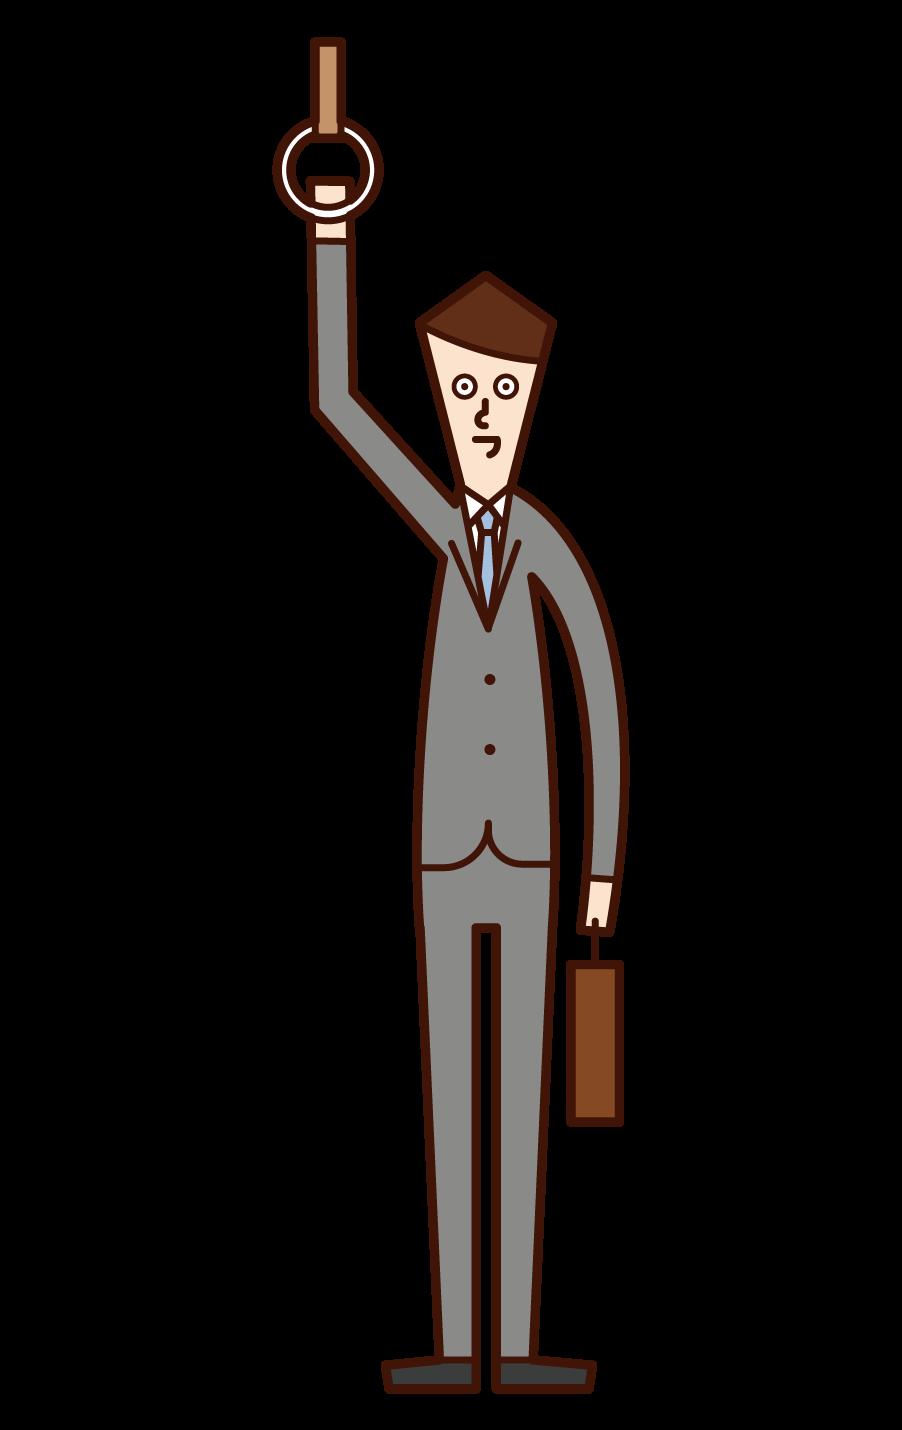 乘火車上班的人(男性)的插圖